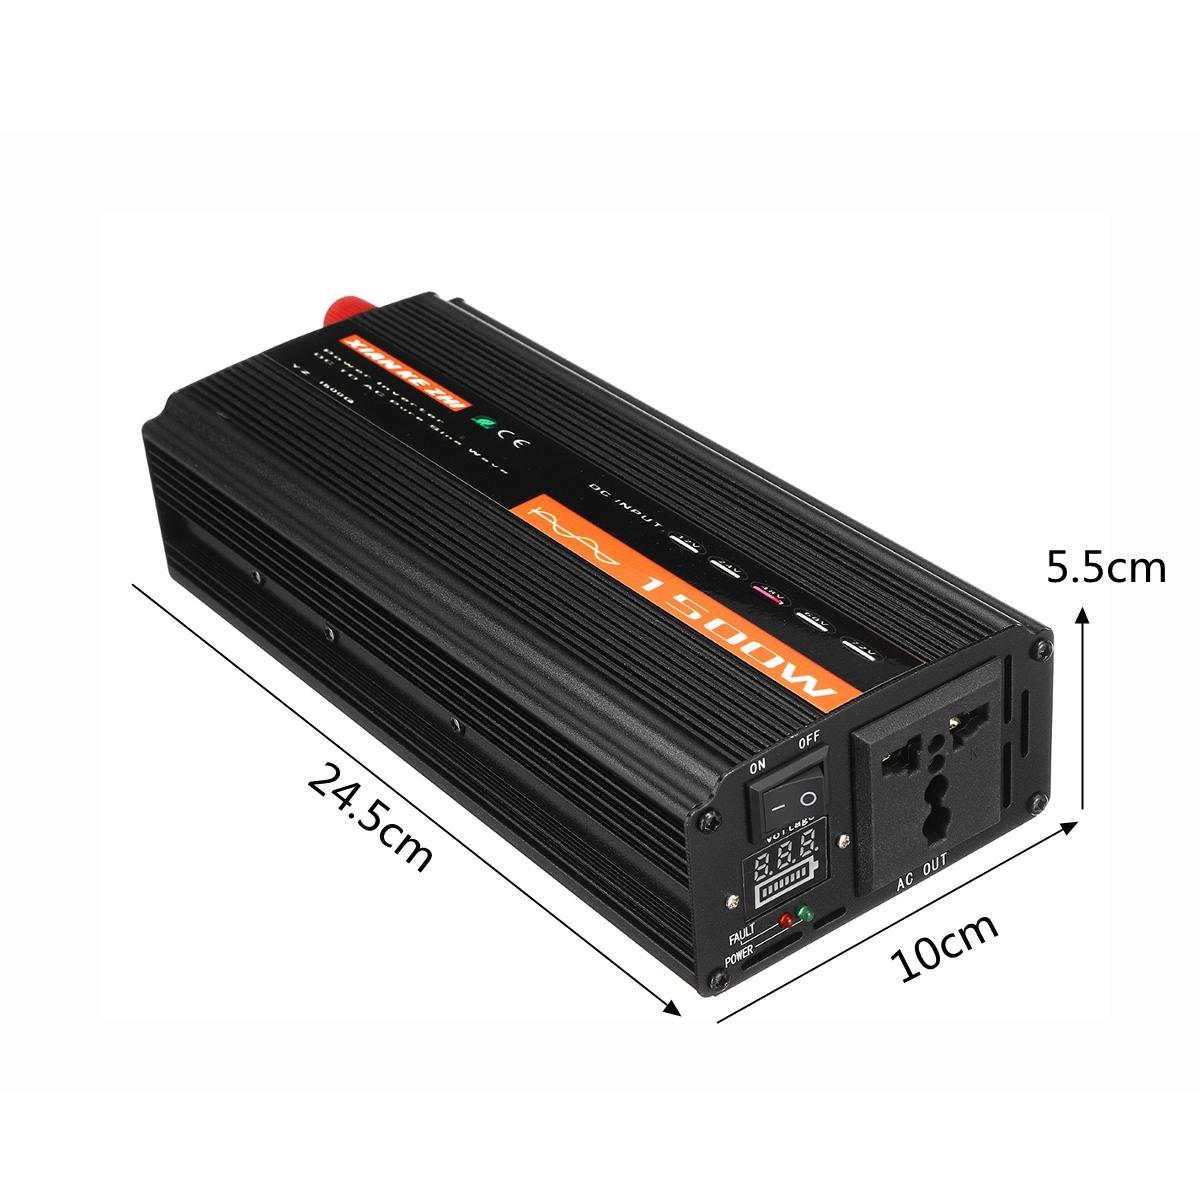 1500W Pure Sine Wave Inverter DC12V/24V/48V To AC220V 50HZ Power Converter Booster For Car Inverter Household DIY 21